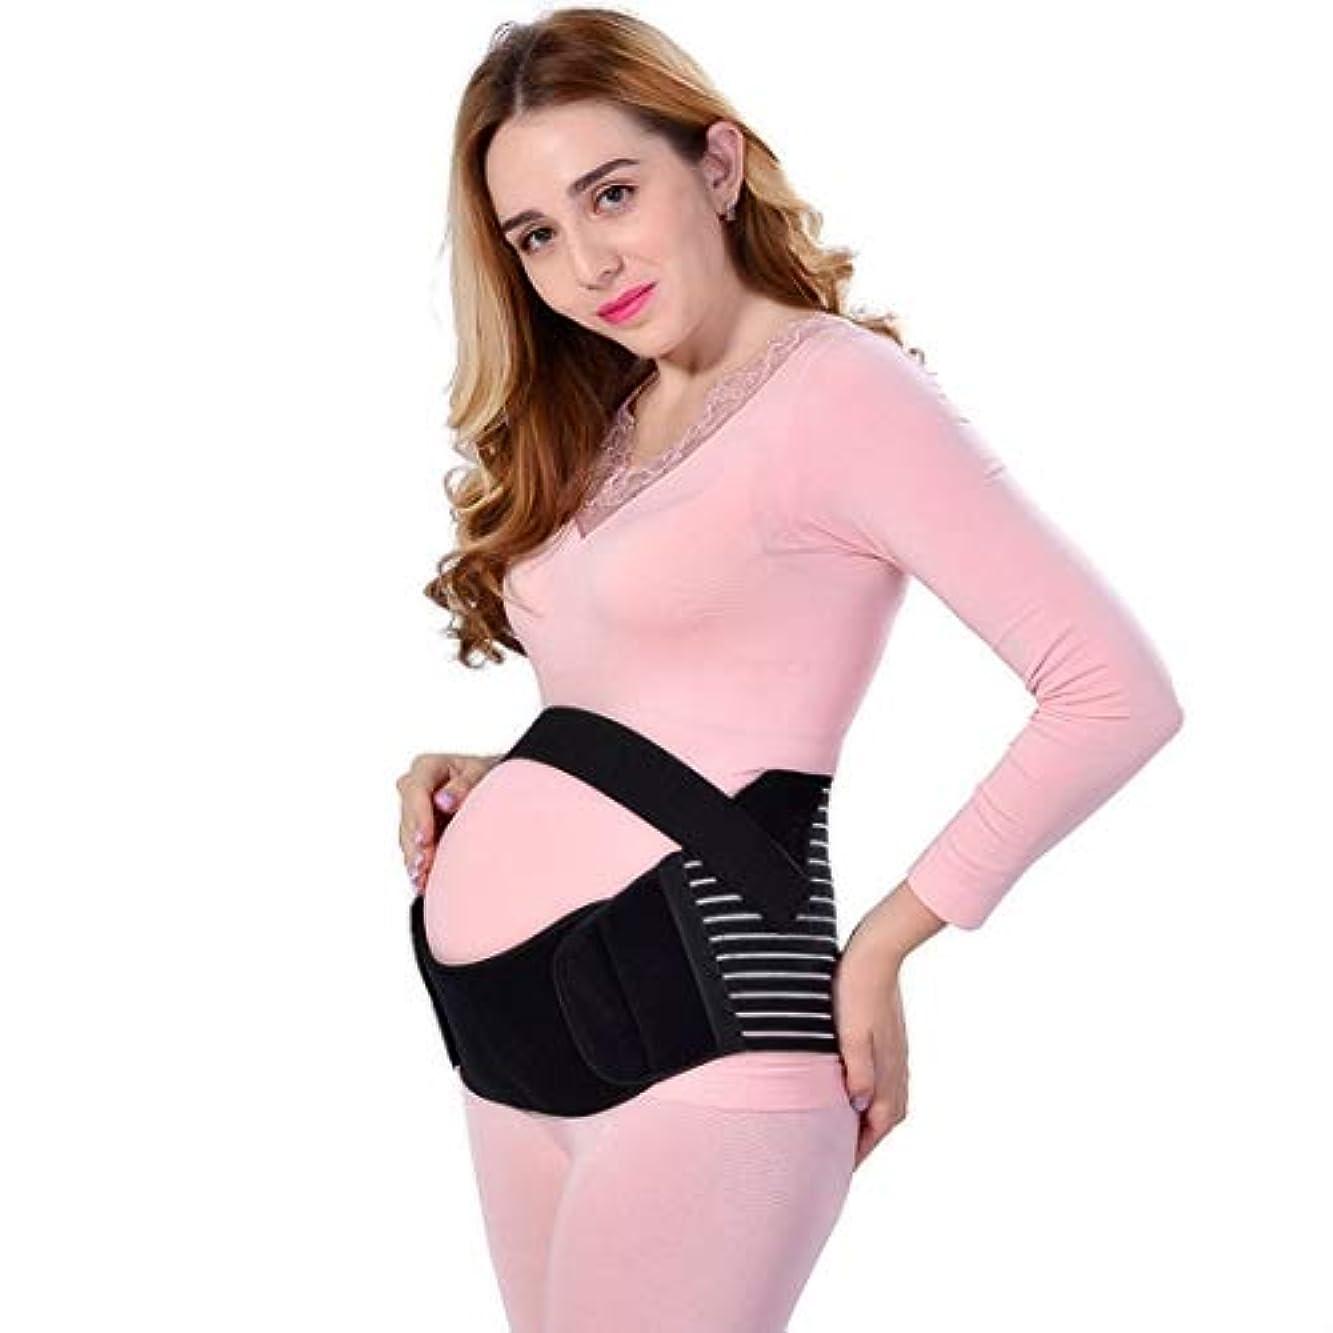 ミサイル壊すであるEnerhu 妊婦帯 妊婦サポートベルト ダブルベルト 腹帯 マタニティベルト 通気性 ベルト 骨盤矯正 骨盤補正 妊婦 補助腹帯 簡単装着 産前産後